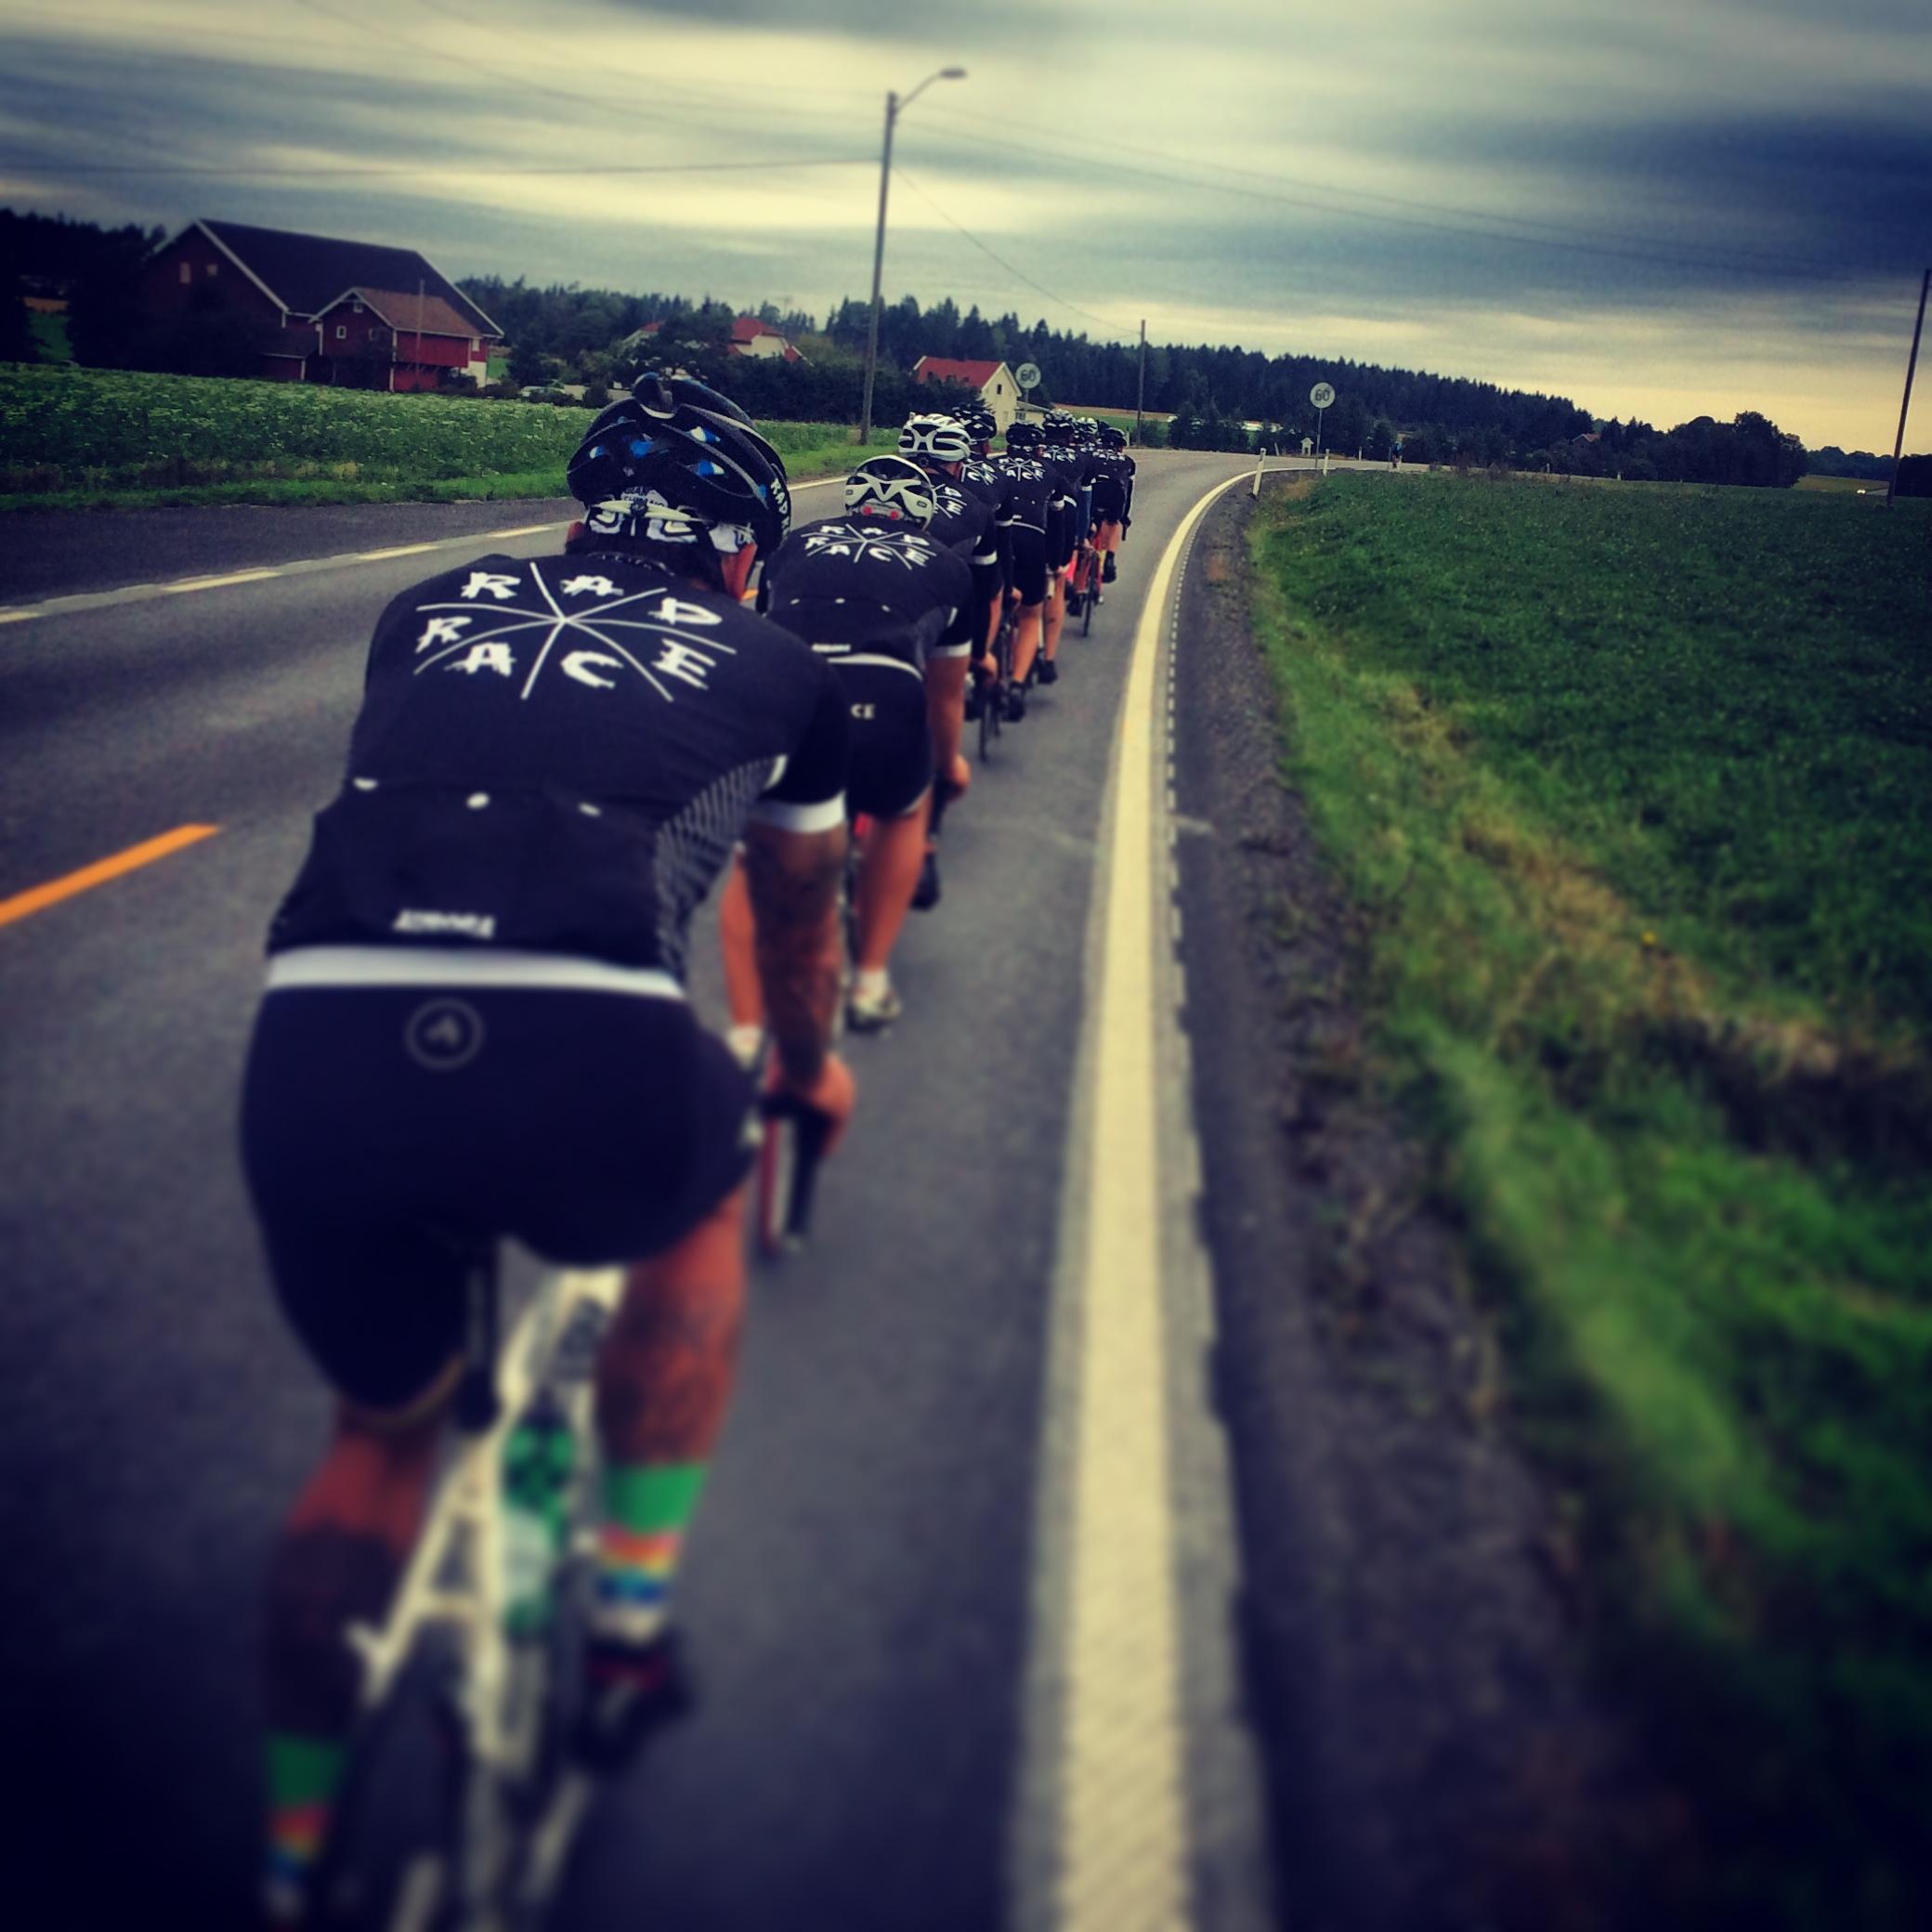 http://www.rad-race.com/hot-shit/2014/9/2/tour-de-skandinavia-x-day-1-x-hamburg-bsum